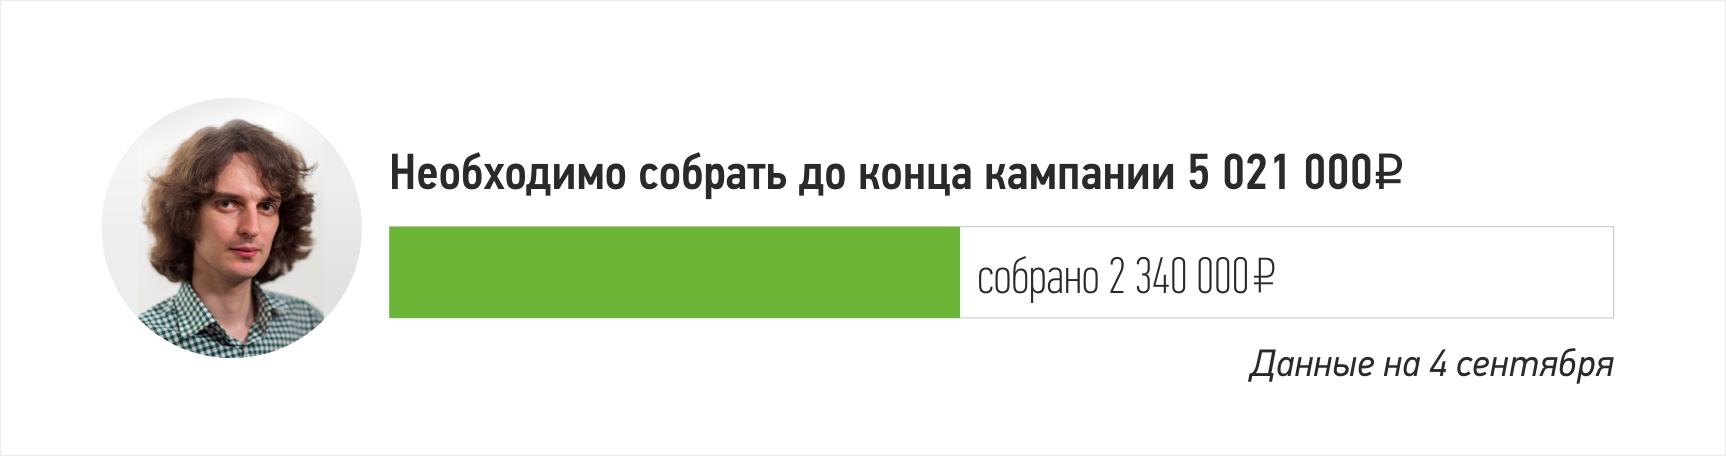 sobrali_4sep